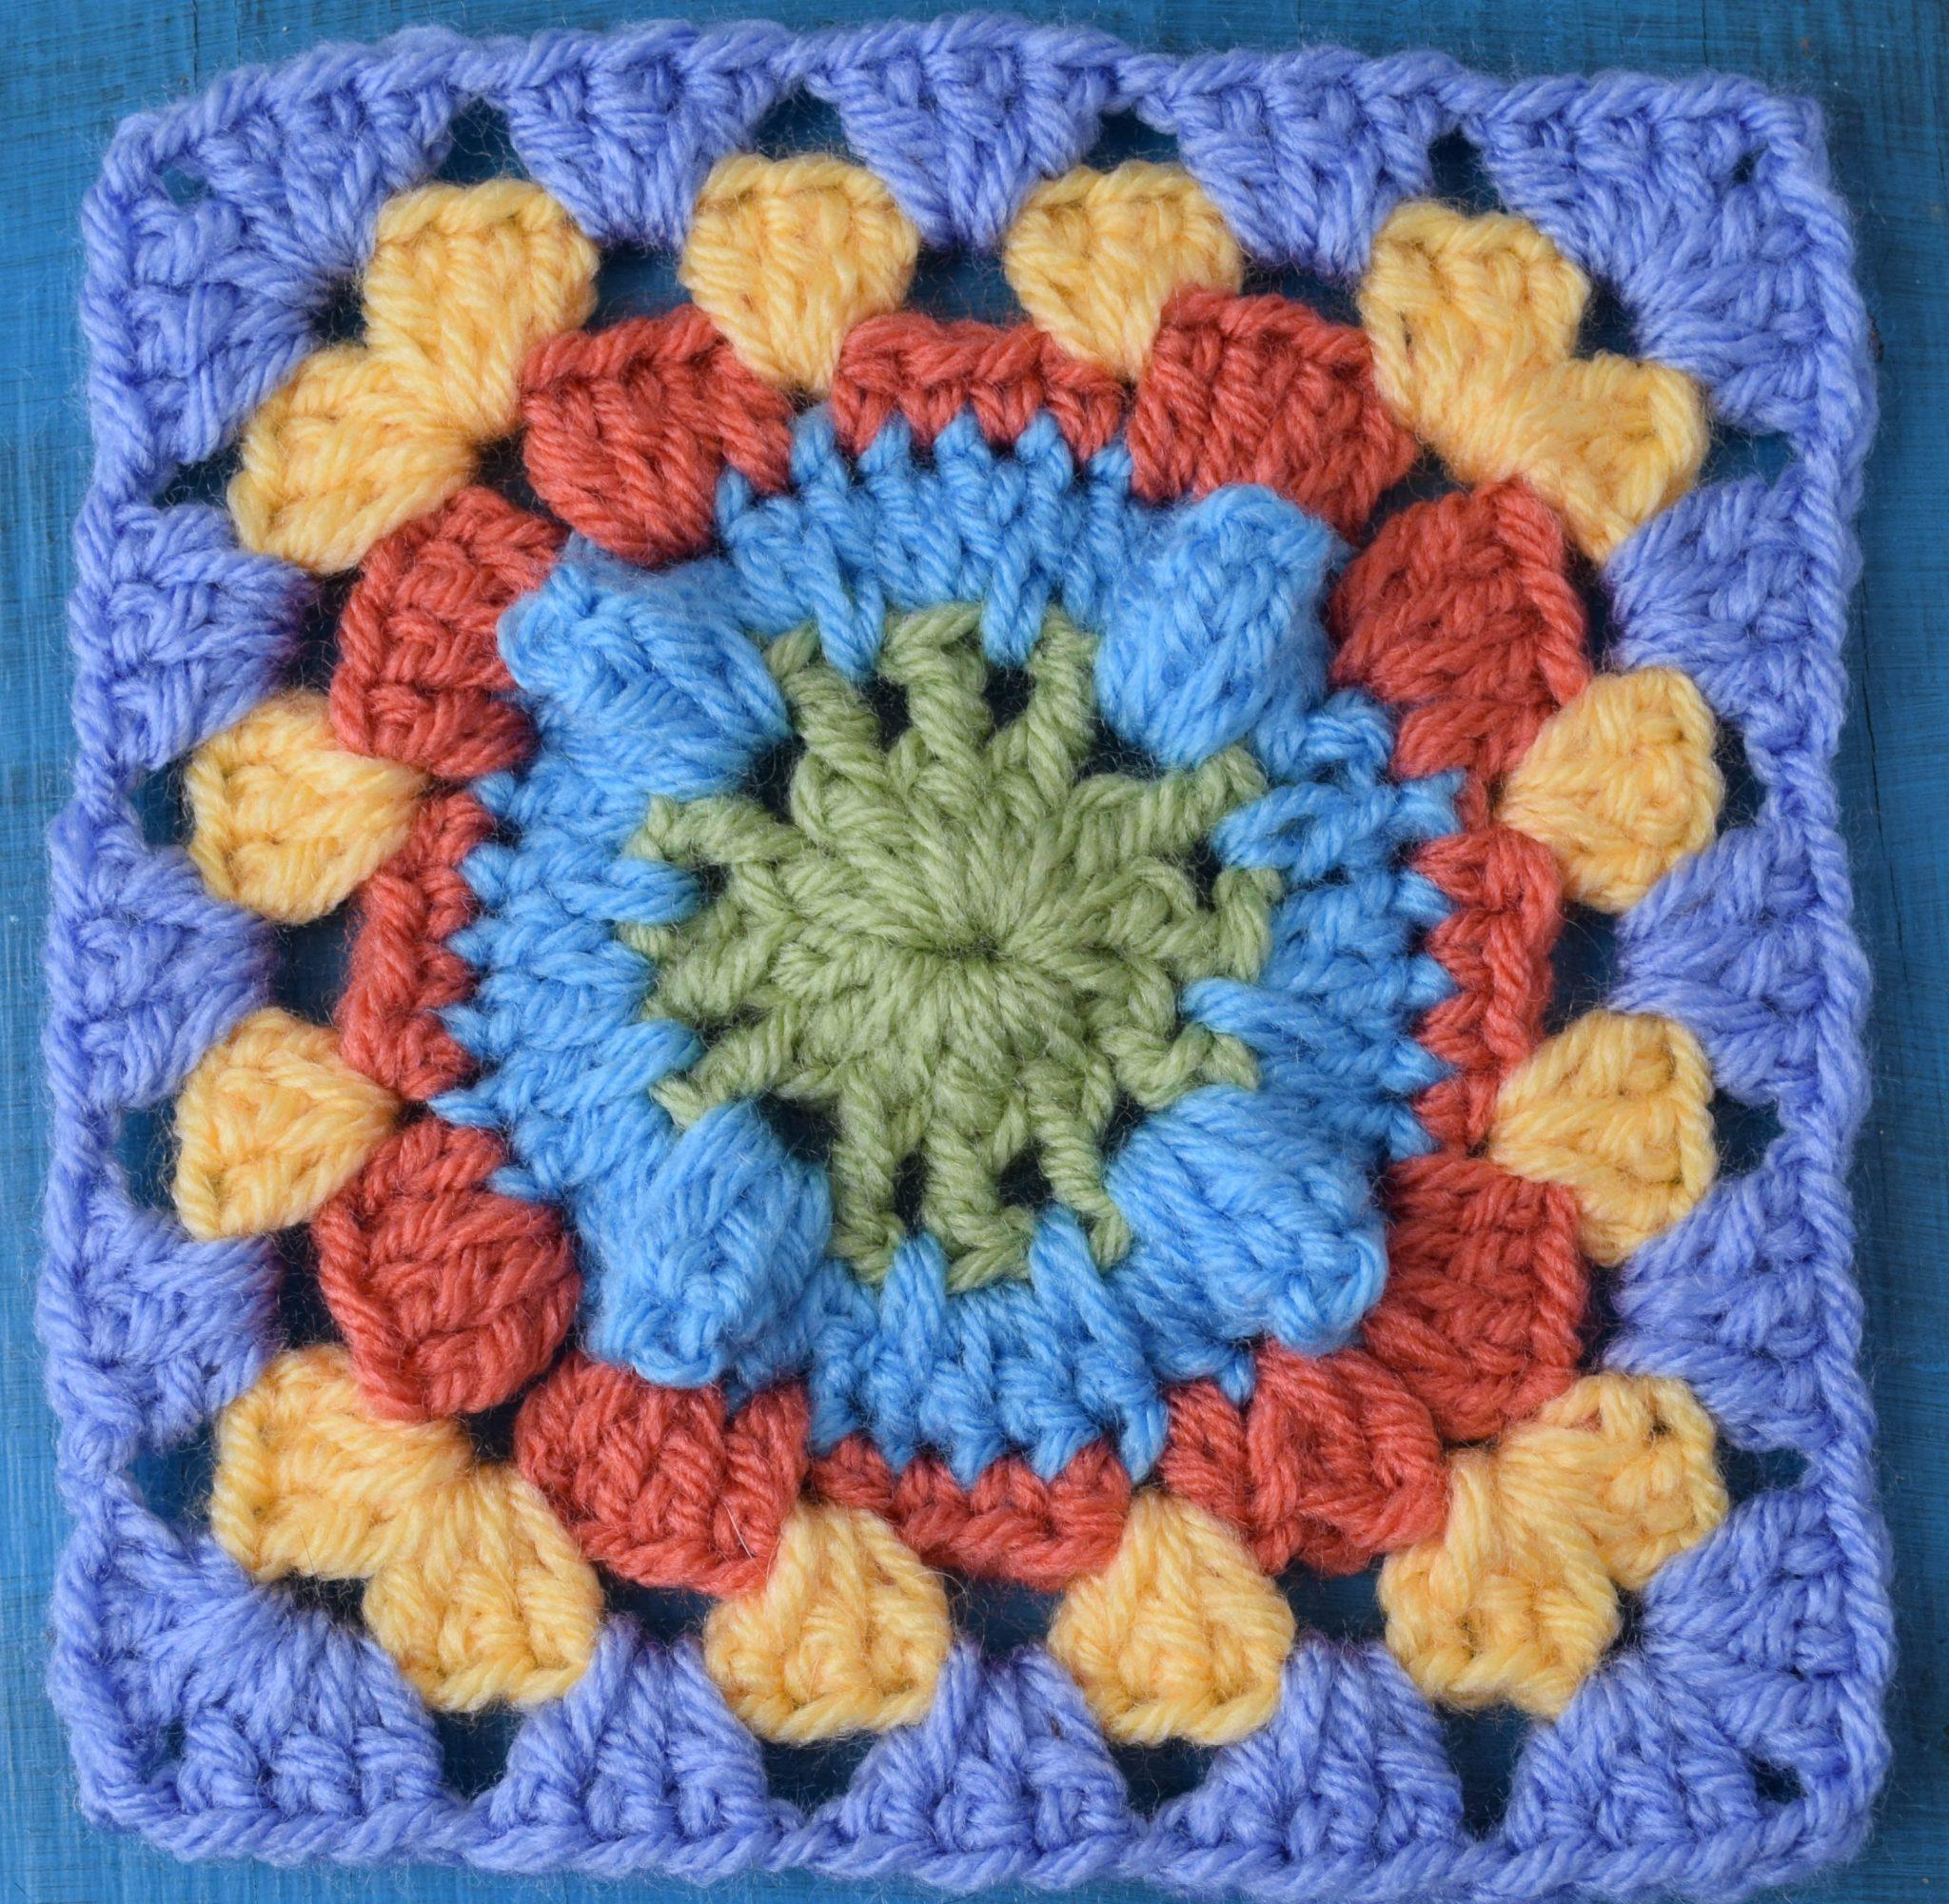 crochet popcorn granny square